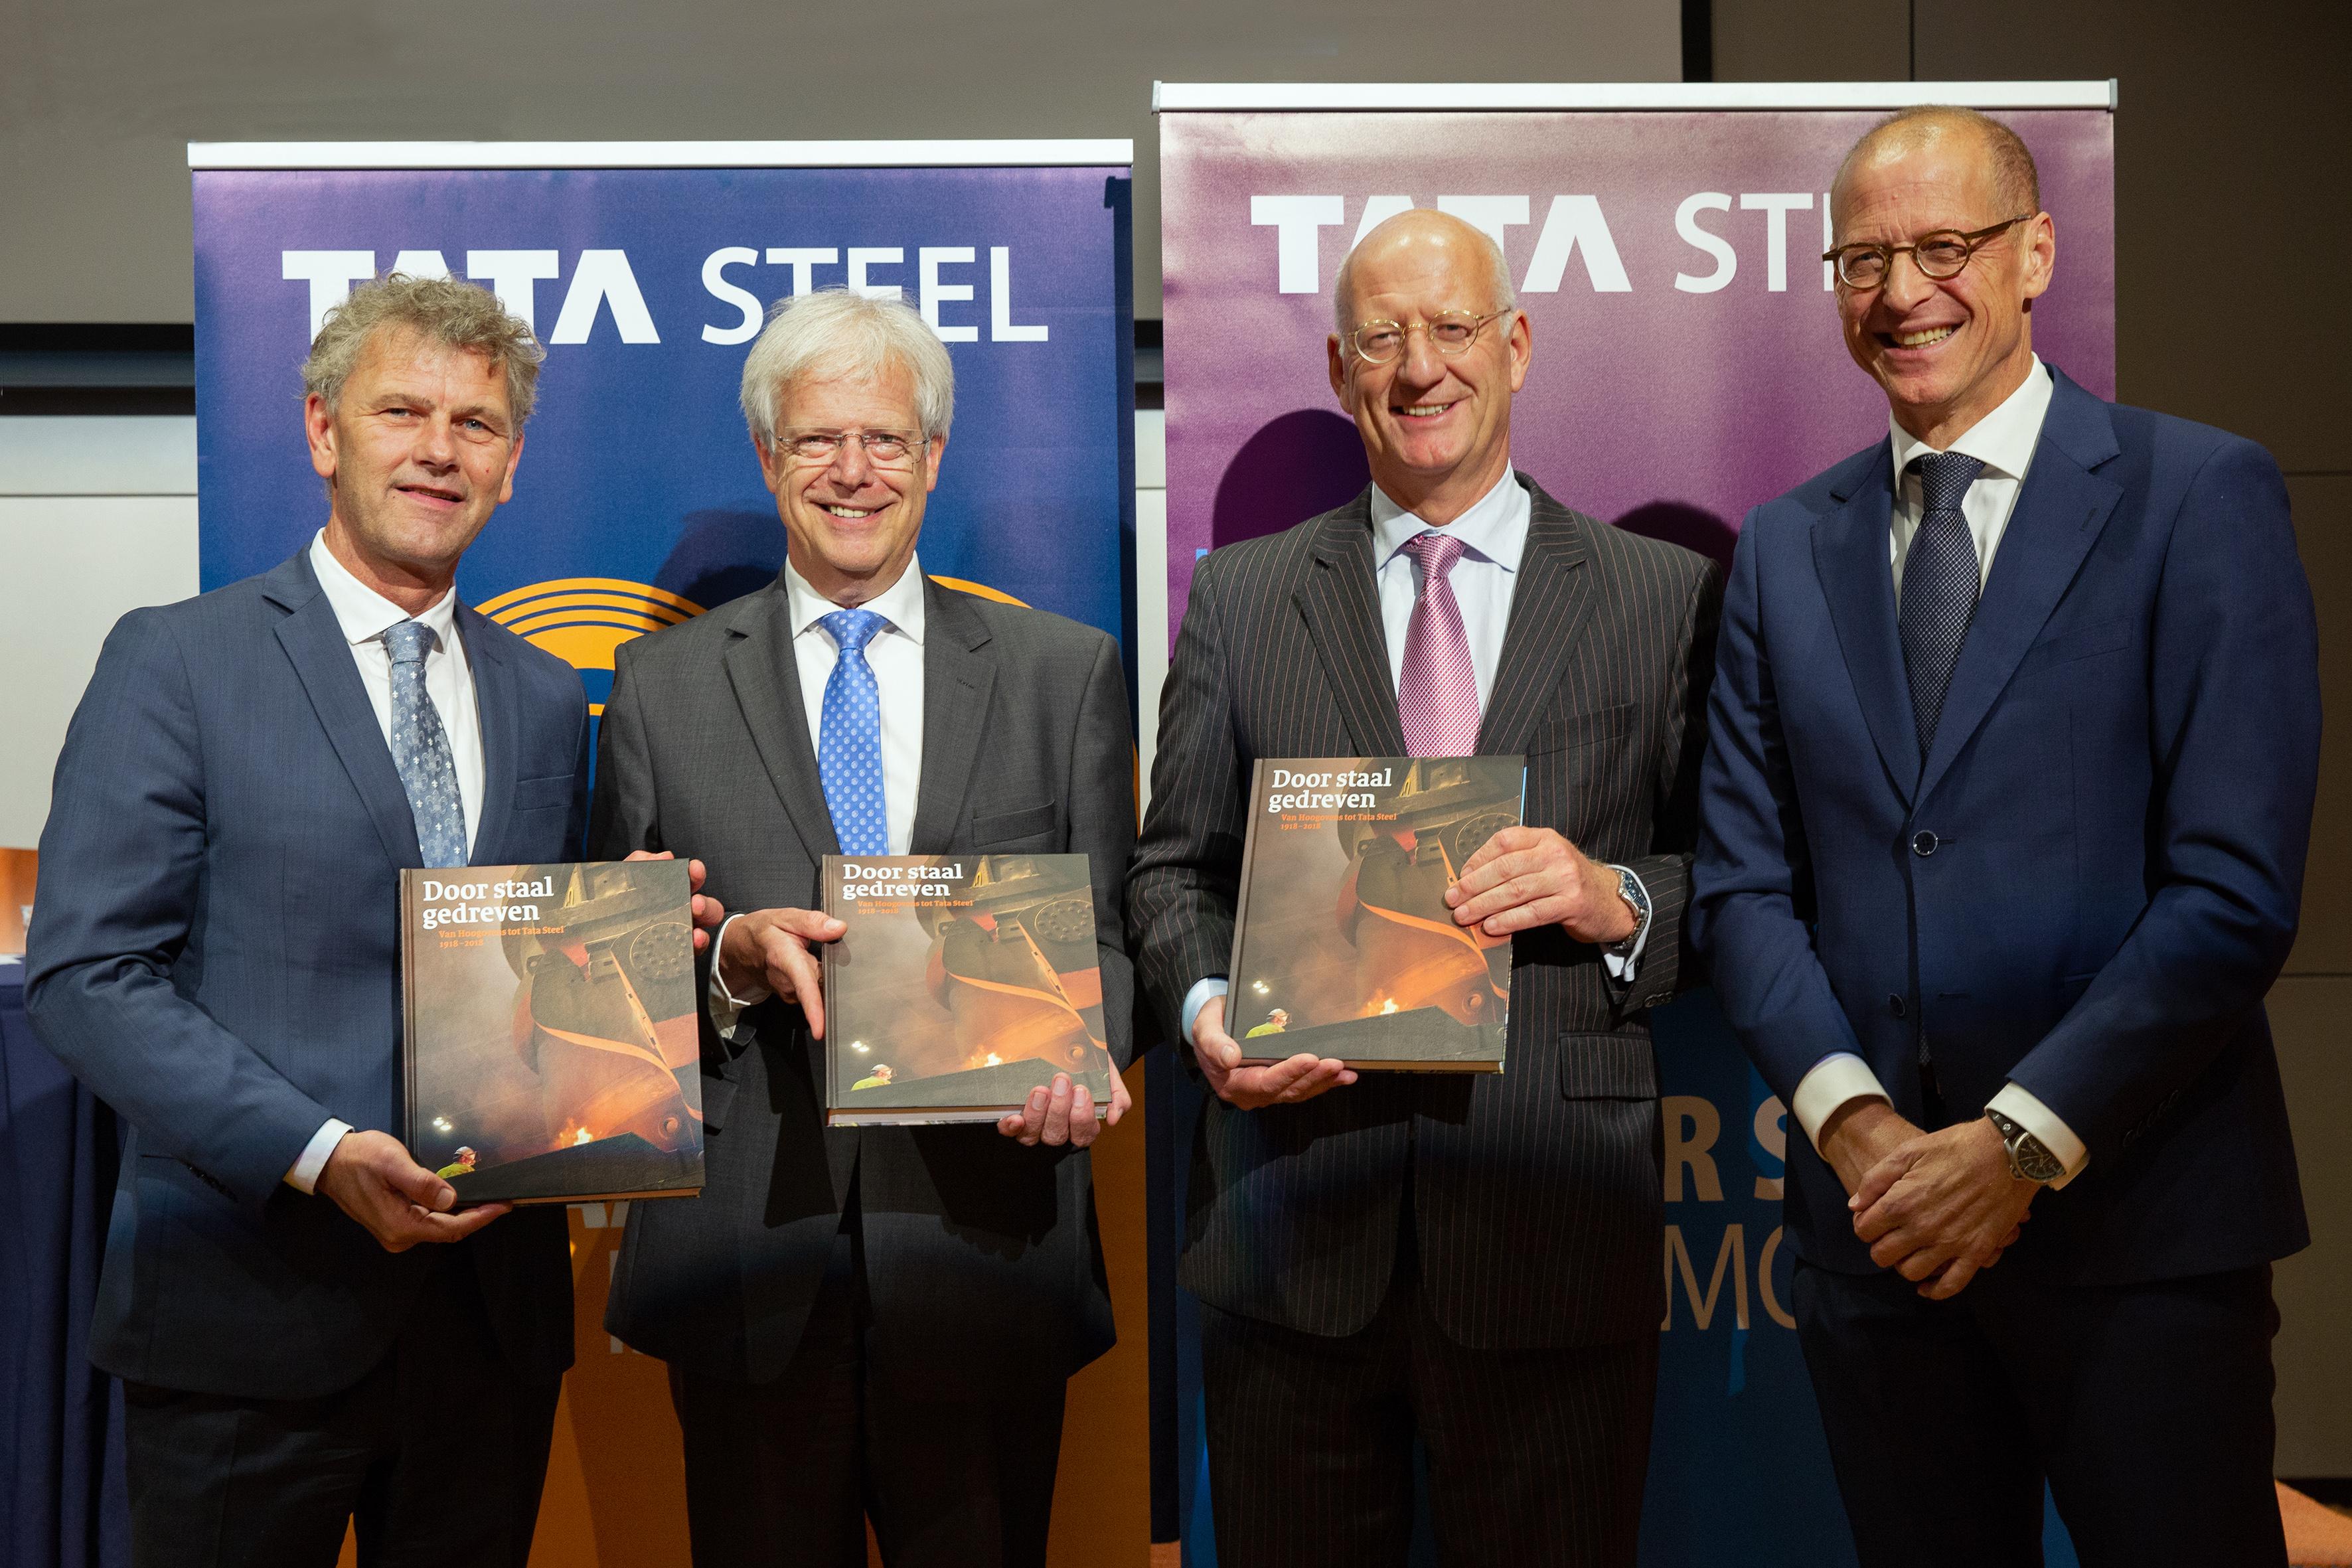 De overhandiging van het eerste exemplaar door Bram Bouwens (uiterst rechts) aan Theo Henrar (directievoorzitter Tata Steel Nederland, tweede van rechts), Hans Fischer (CEO en CTO van Tata Steel in Europa, tweede van links) en burgemeester Martijn Smit van Beverwijk (geheel links). (Foto: Tata Stee